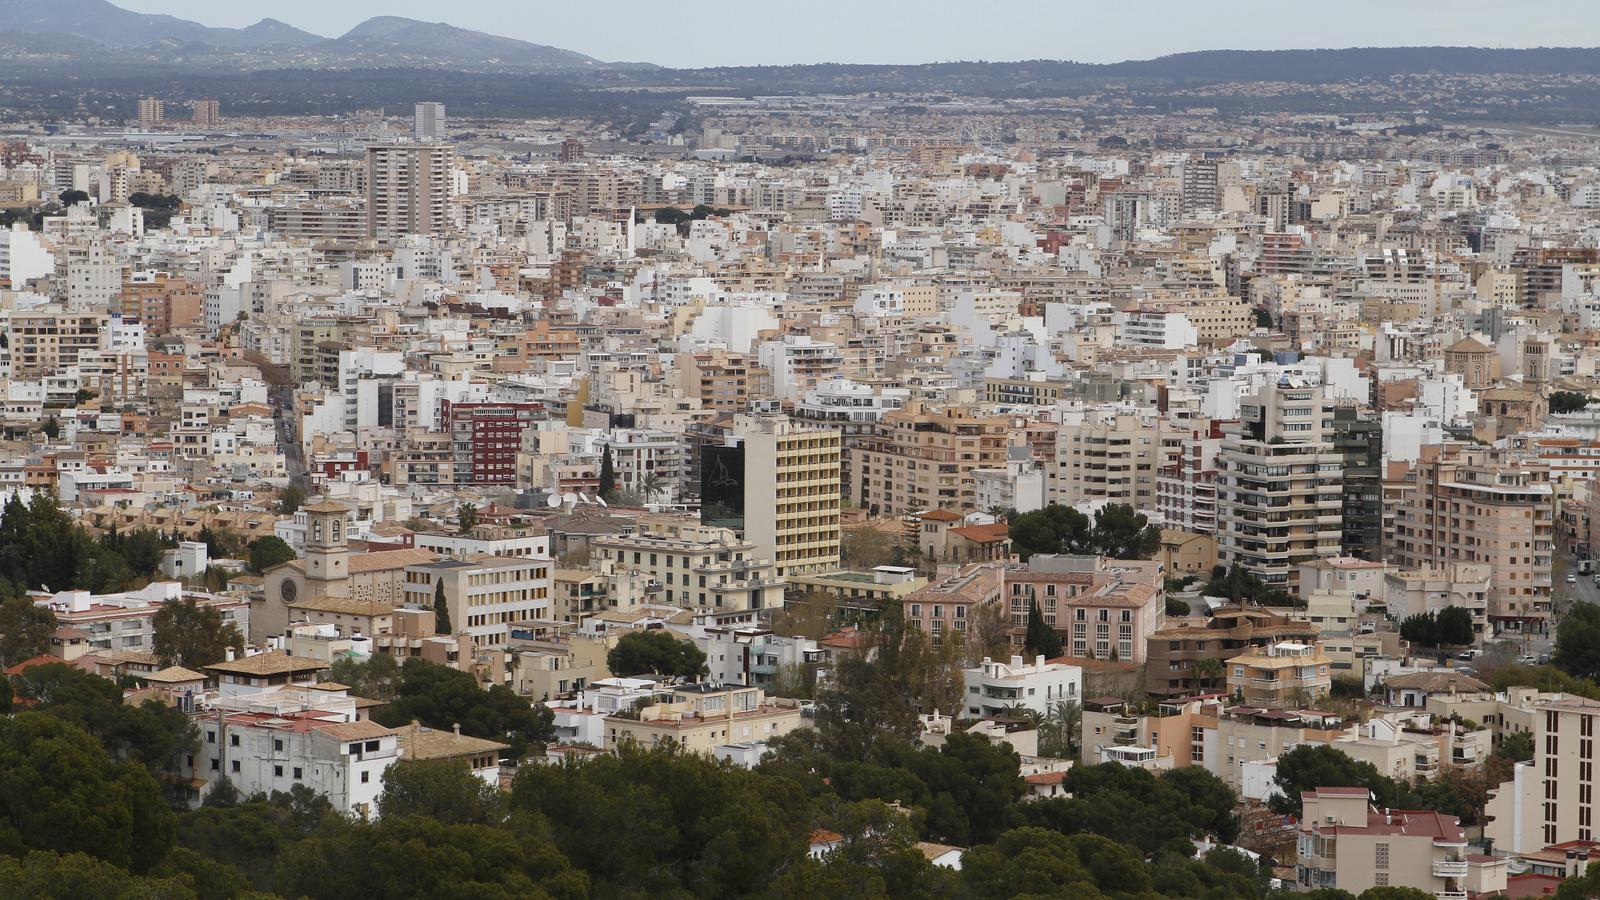 Palma podrà limitar les zones aptes per a lloguer turístic